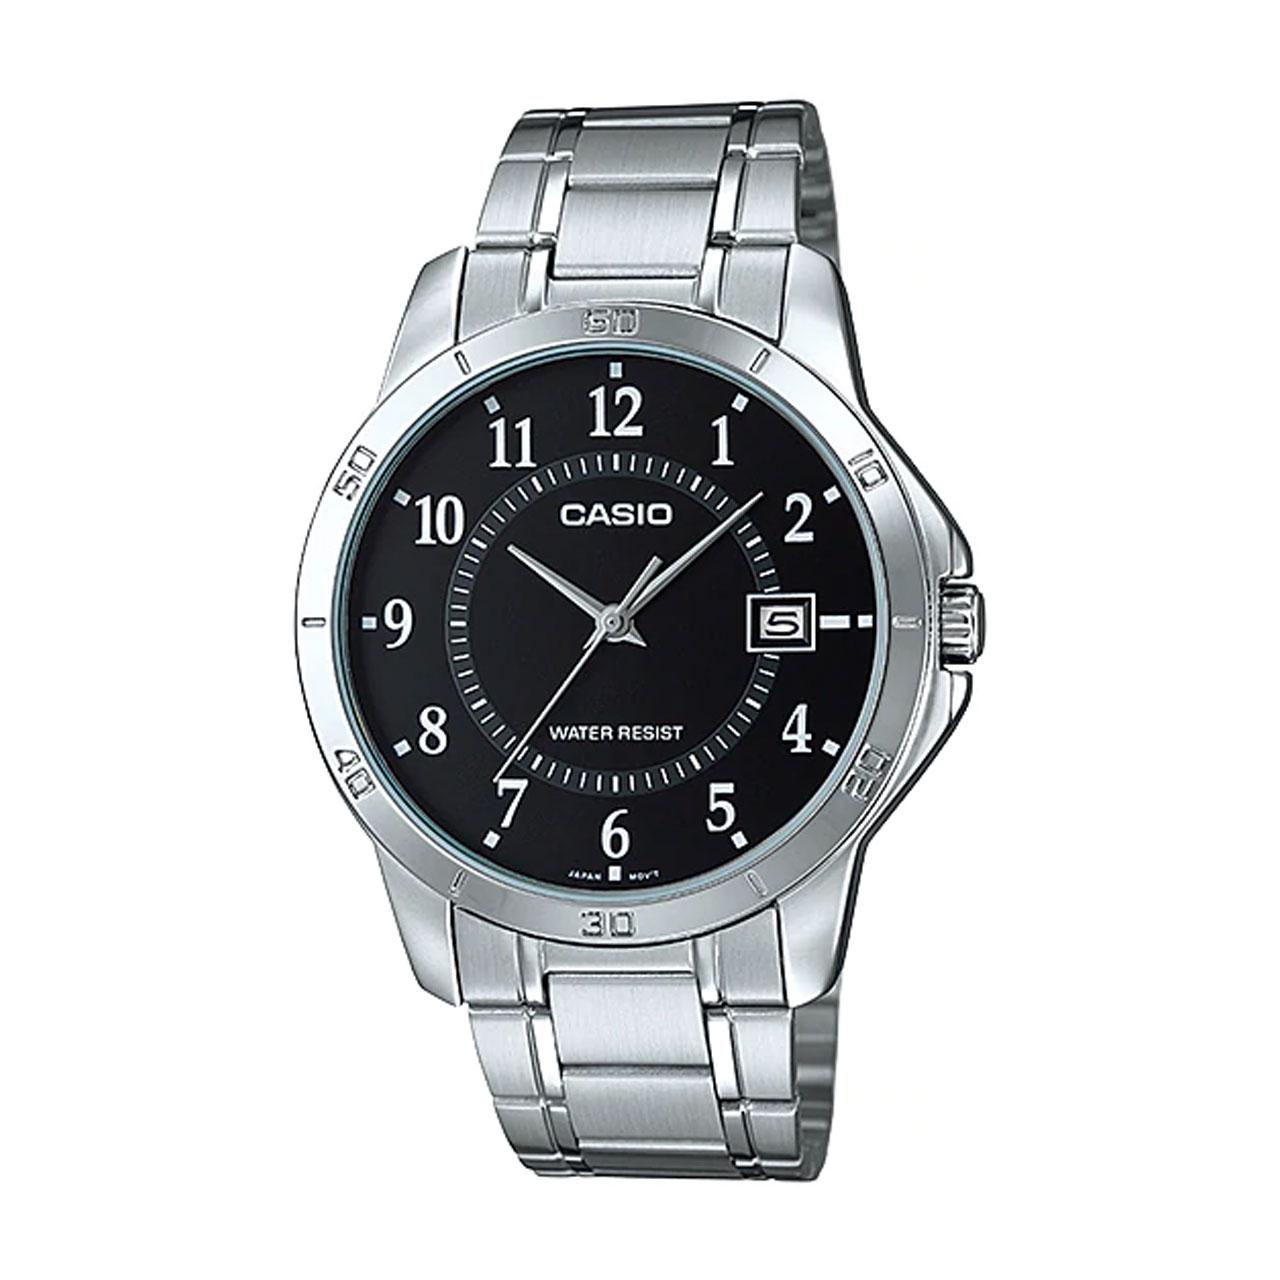 ساعت مچی عقربه ای مردانه کاسیو مدل MTP-V004D-1BUDF 14